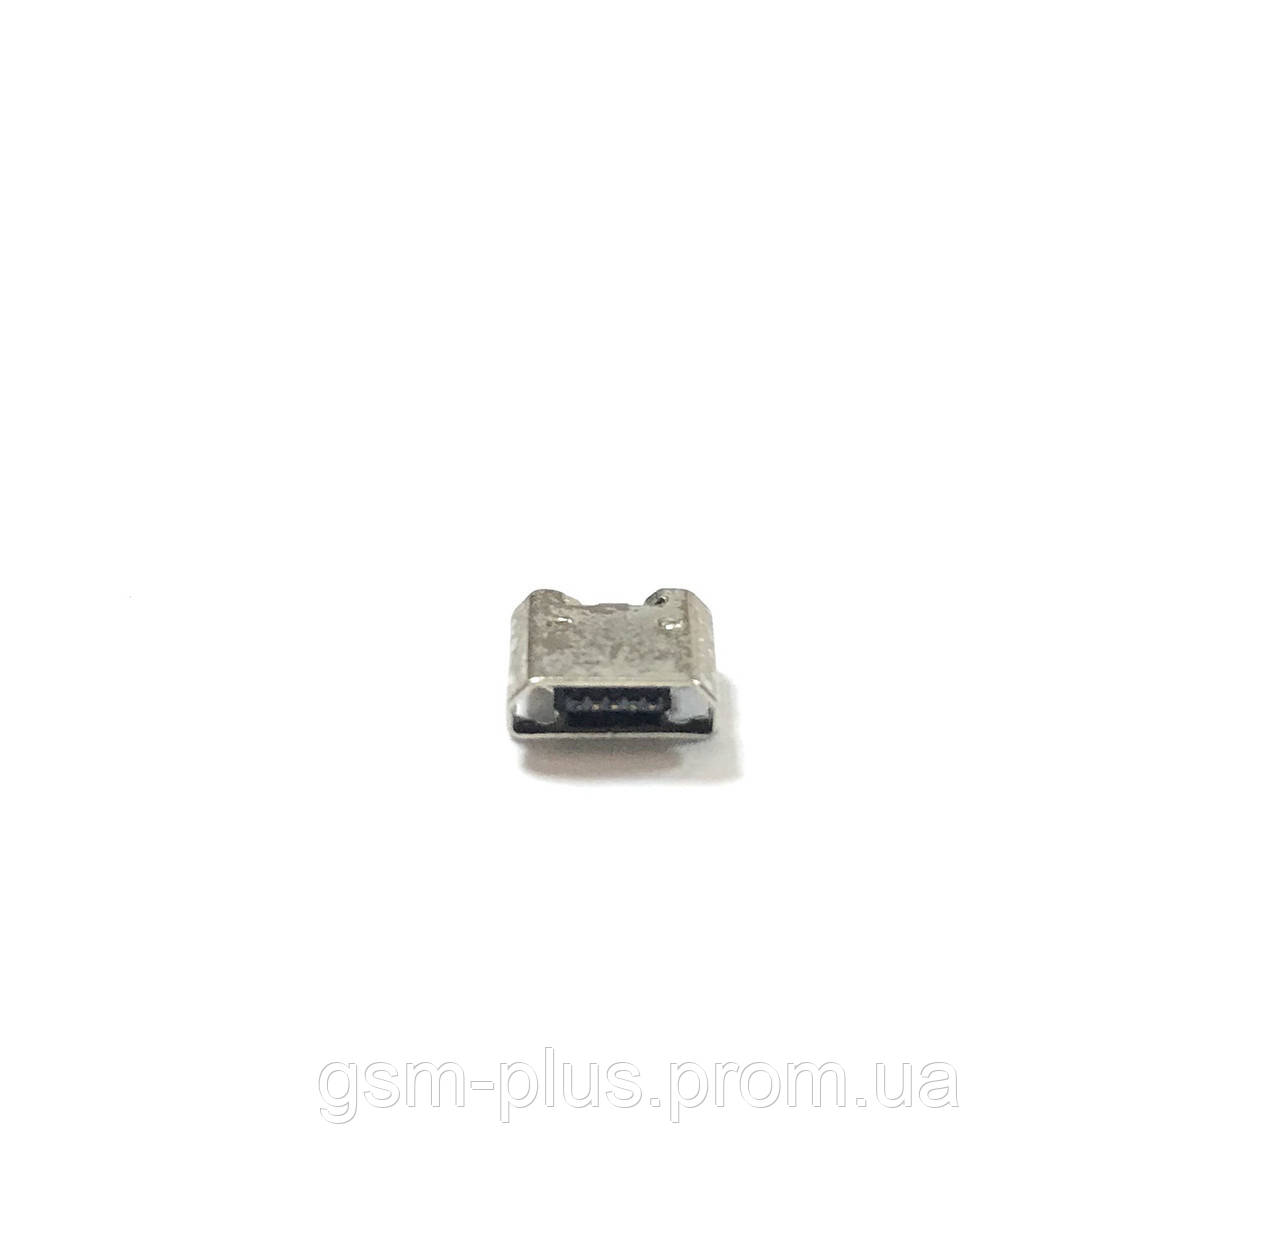 Разъем зарядки LG VS950 / VK810 / V700 / V410 / V400 / V500 / V507 / V510